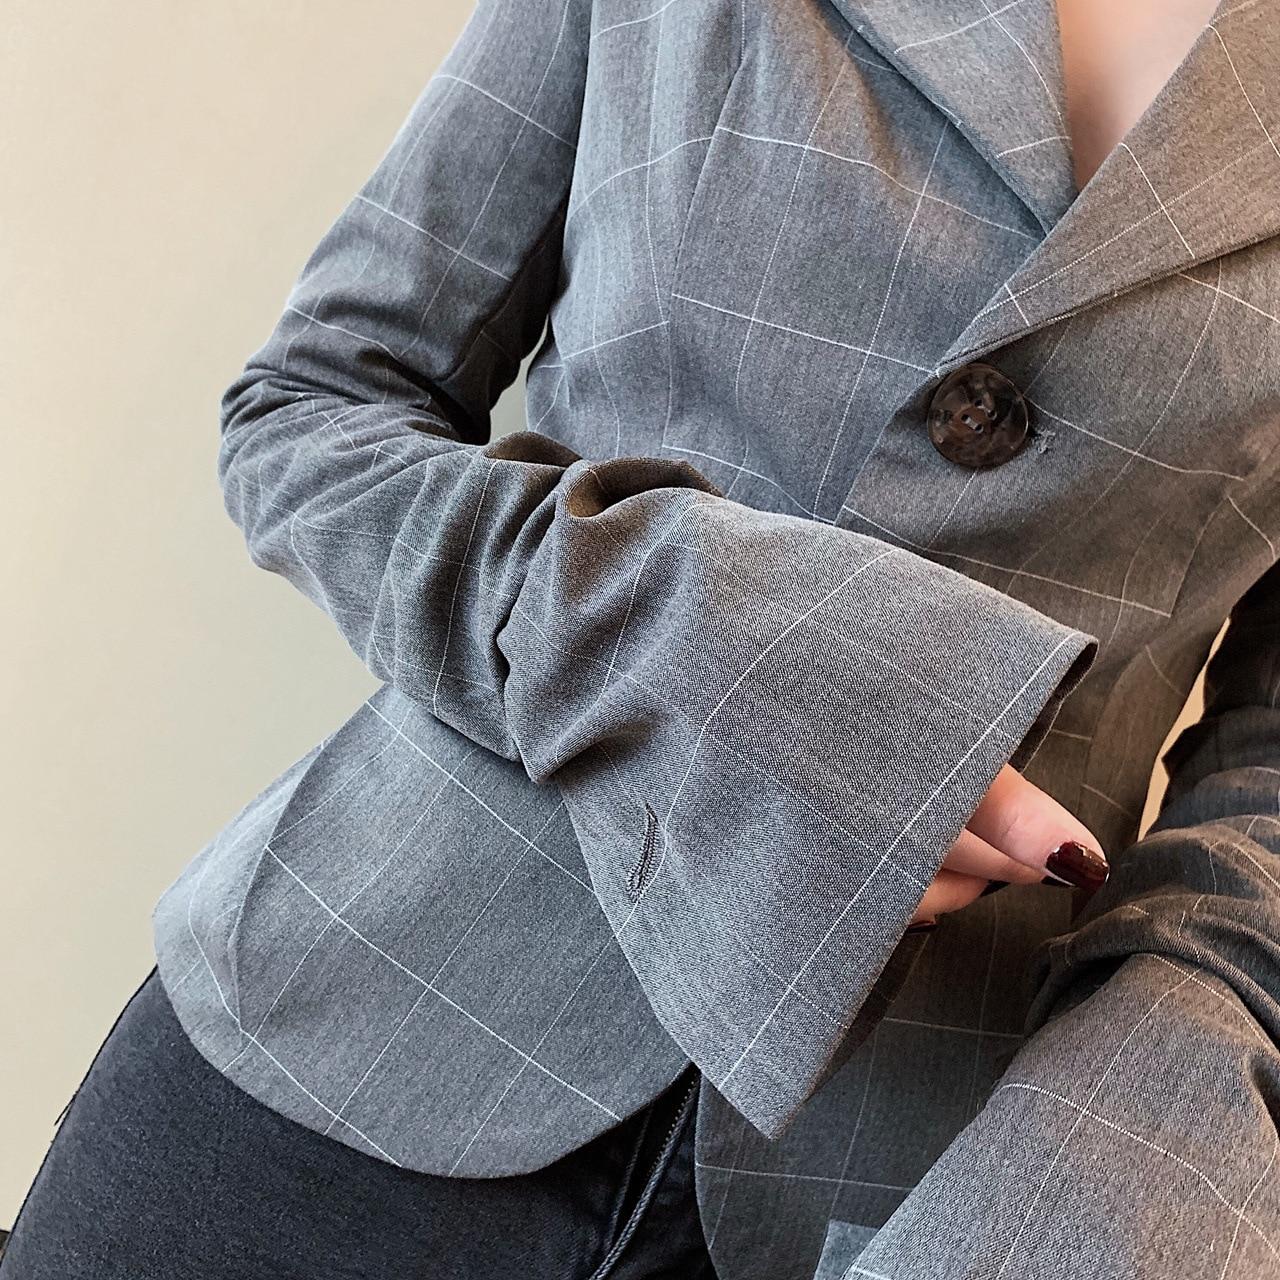 2019 Deat Printemps Nouveau Ash Ol Blazer down Manches Pladred Unique Turn Wd90002s Mince De Vêtements Femmes Advanced Flare Mode Poitrine d1r15xqwE